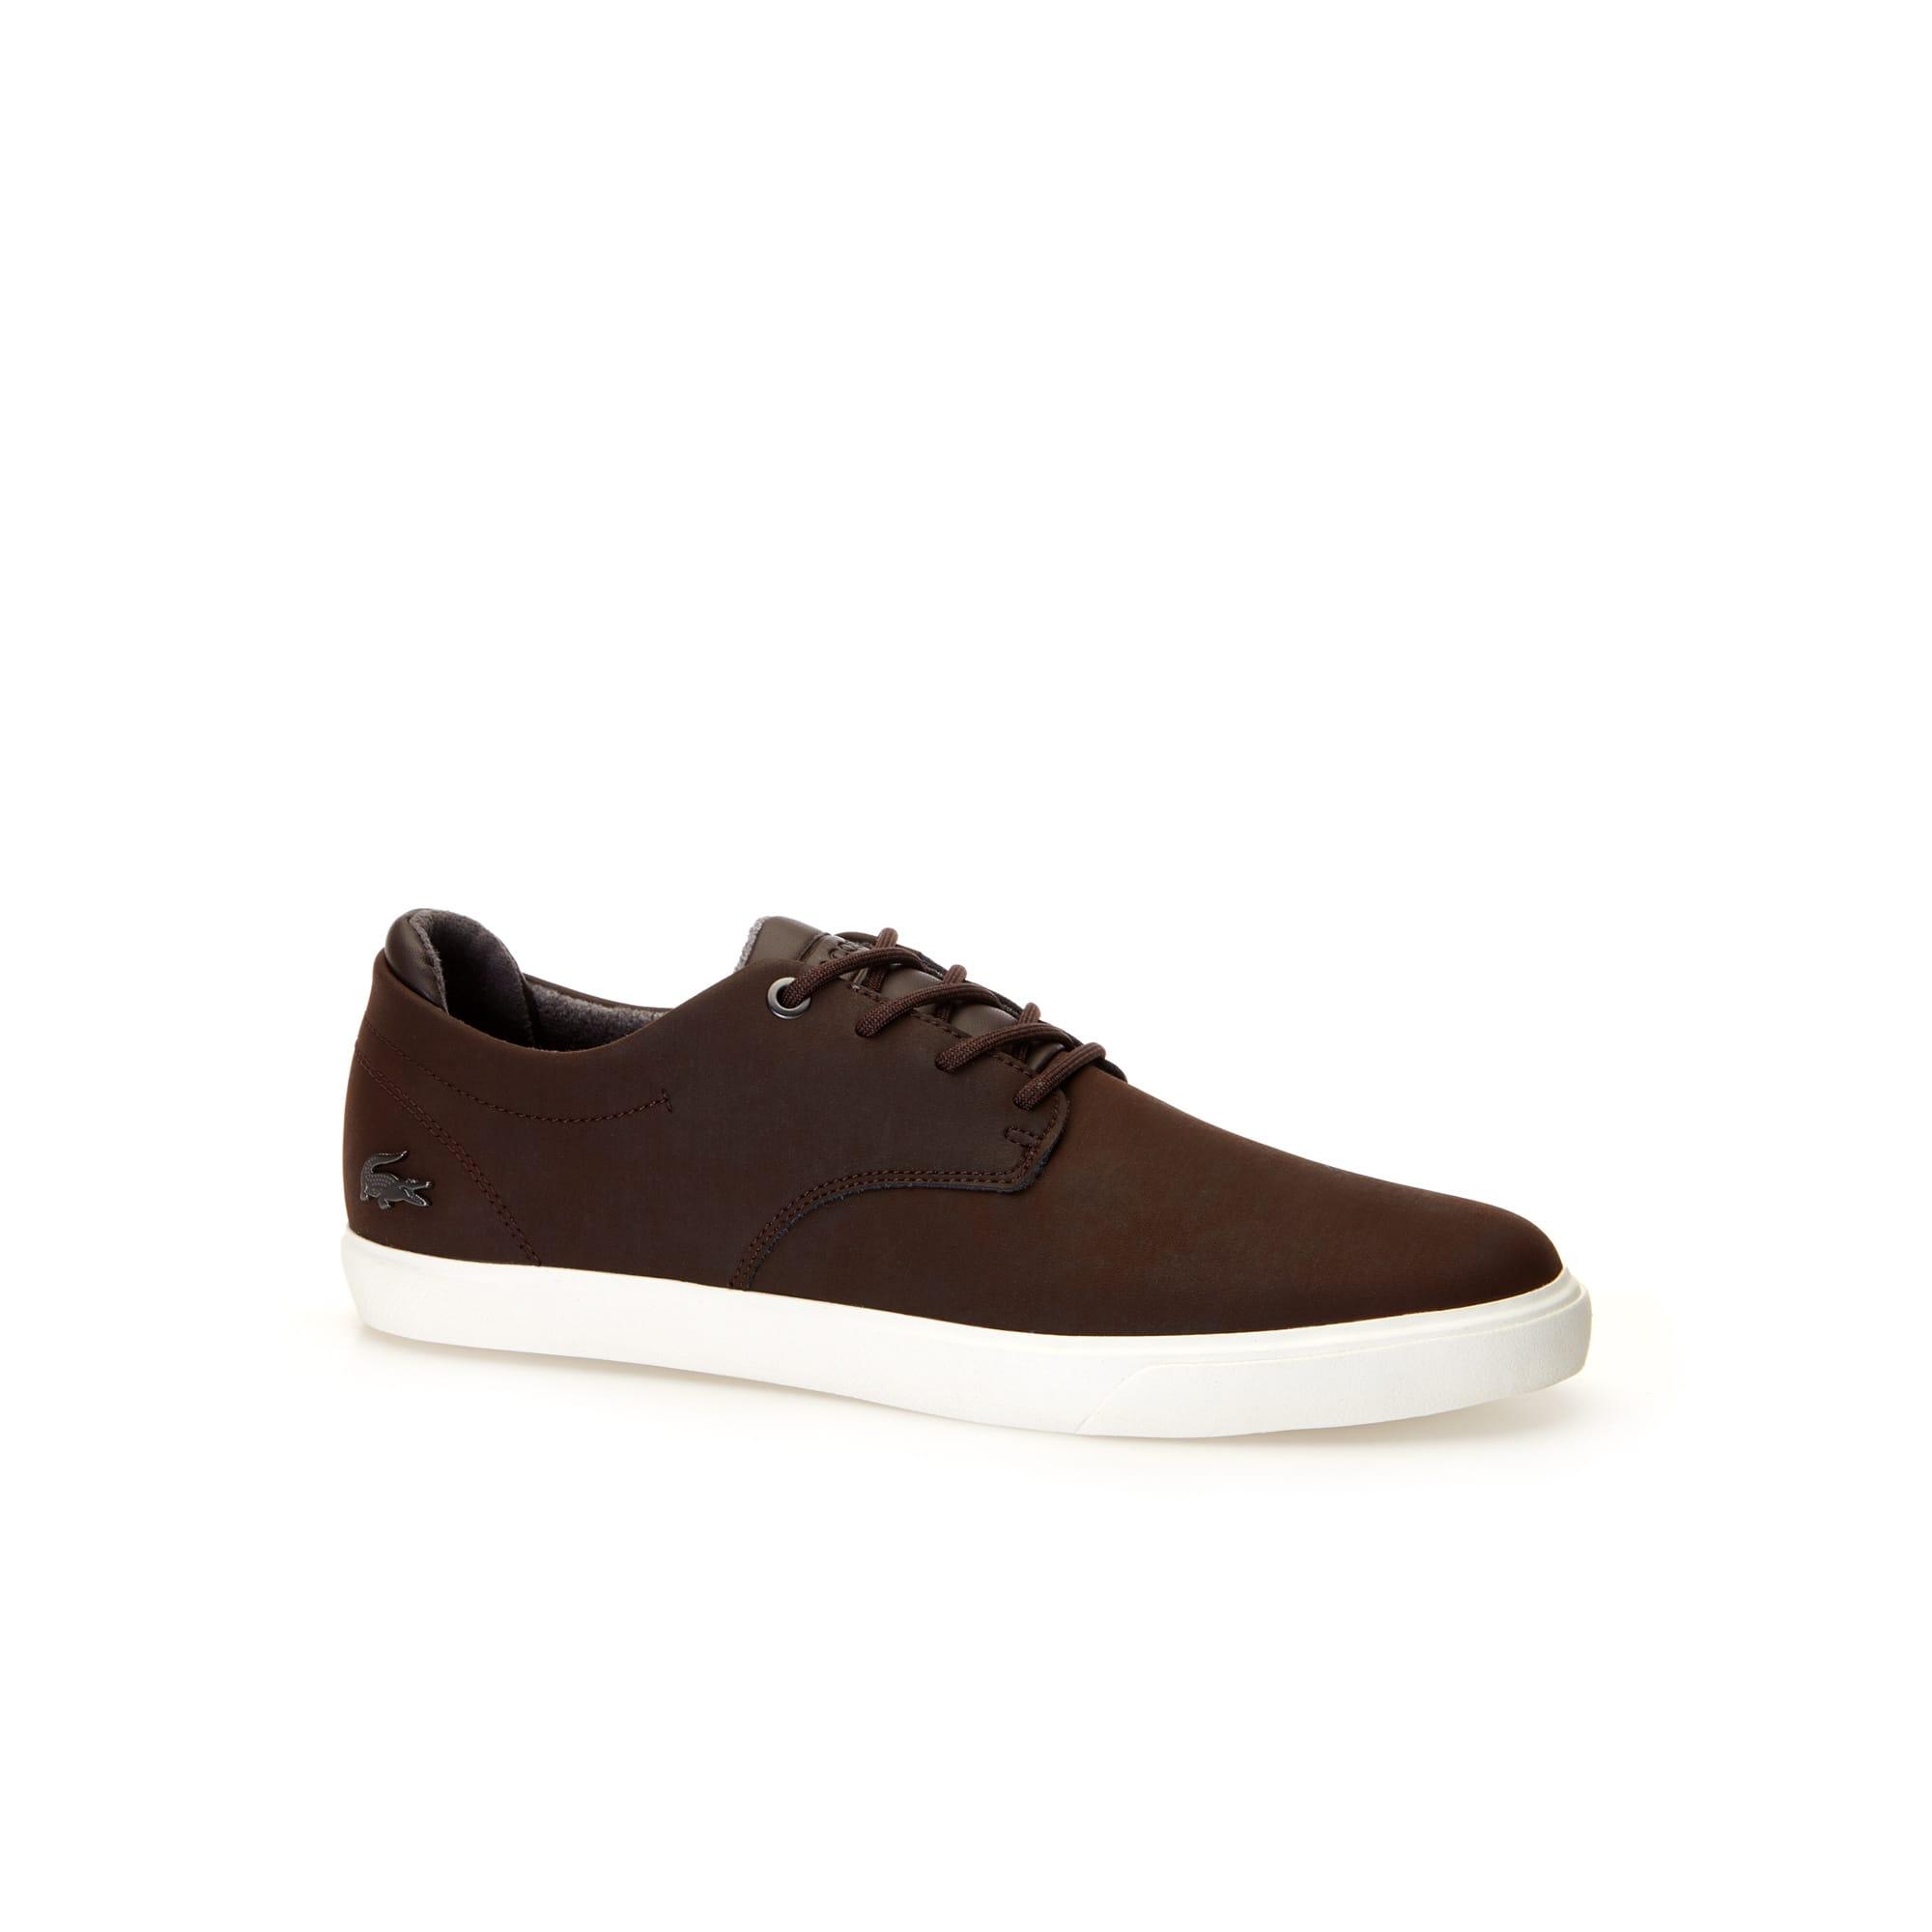 Herren-Sneakers ESPARRE aus Leder